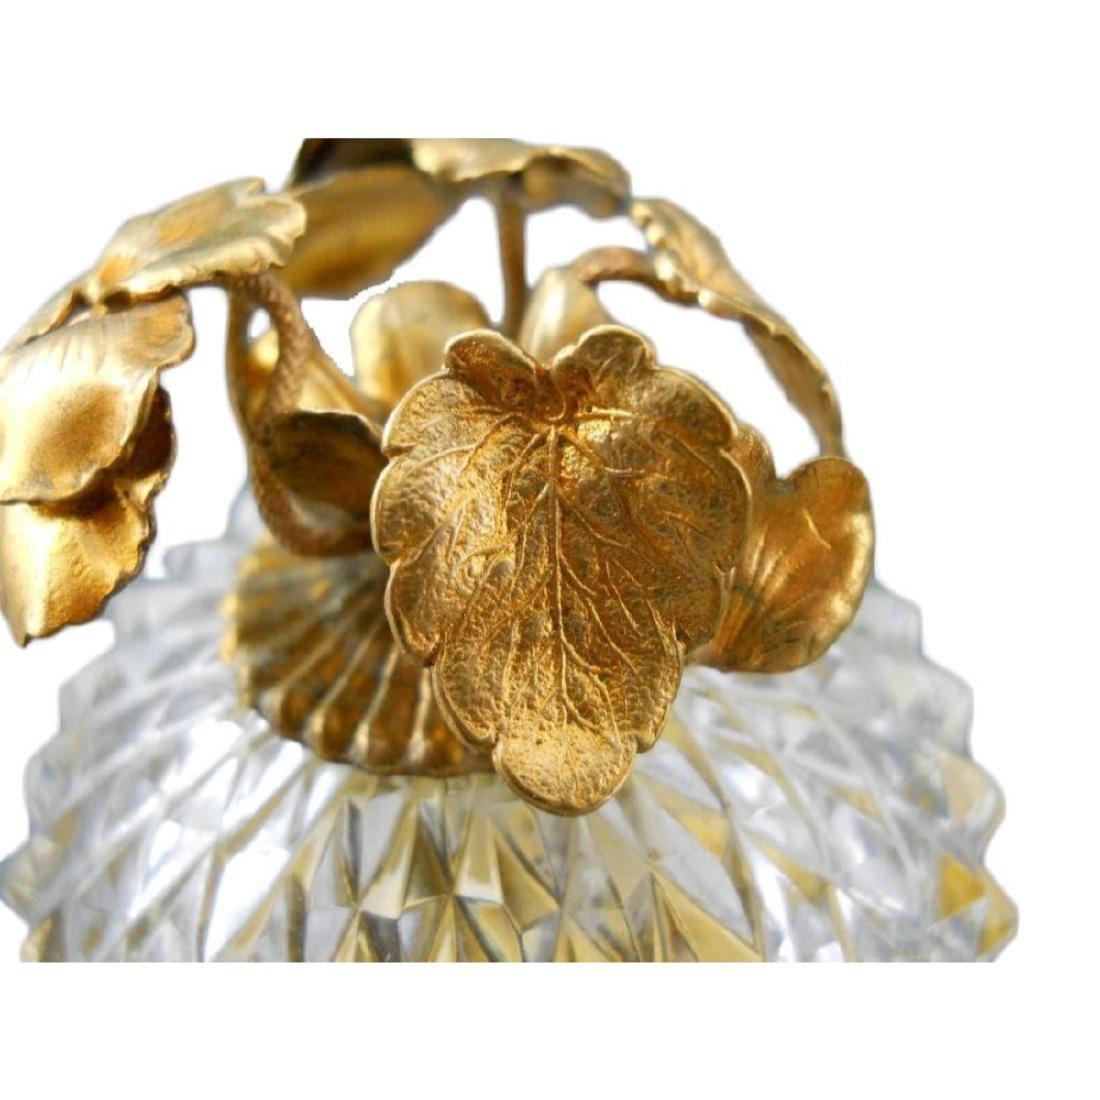 French Cut Crystal Jewel Casket Trinket Box - 3